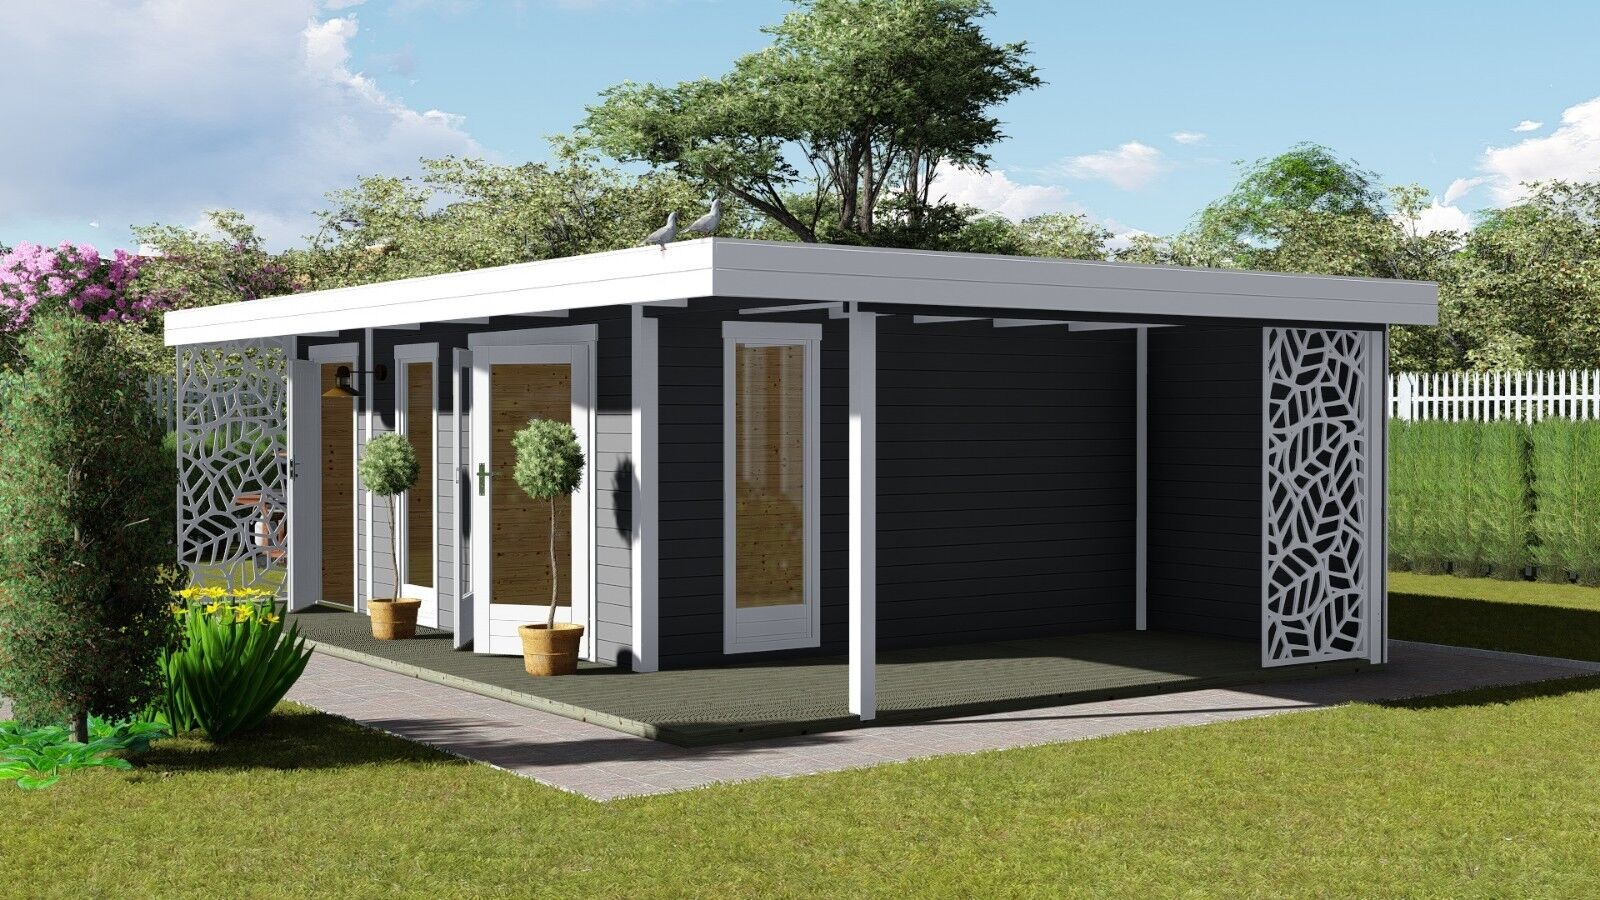 Gartenhaus Flachdach mit Anbau und Terrasse 4.5Mx3M+2M,40mm Holz,Celle 40225